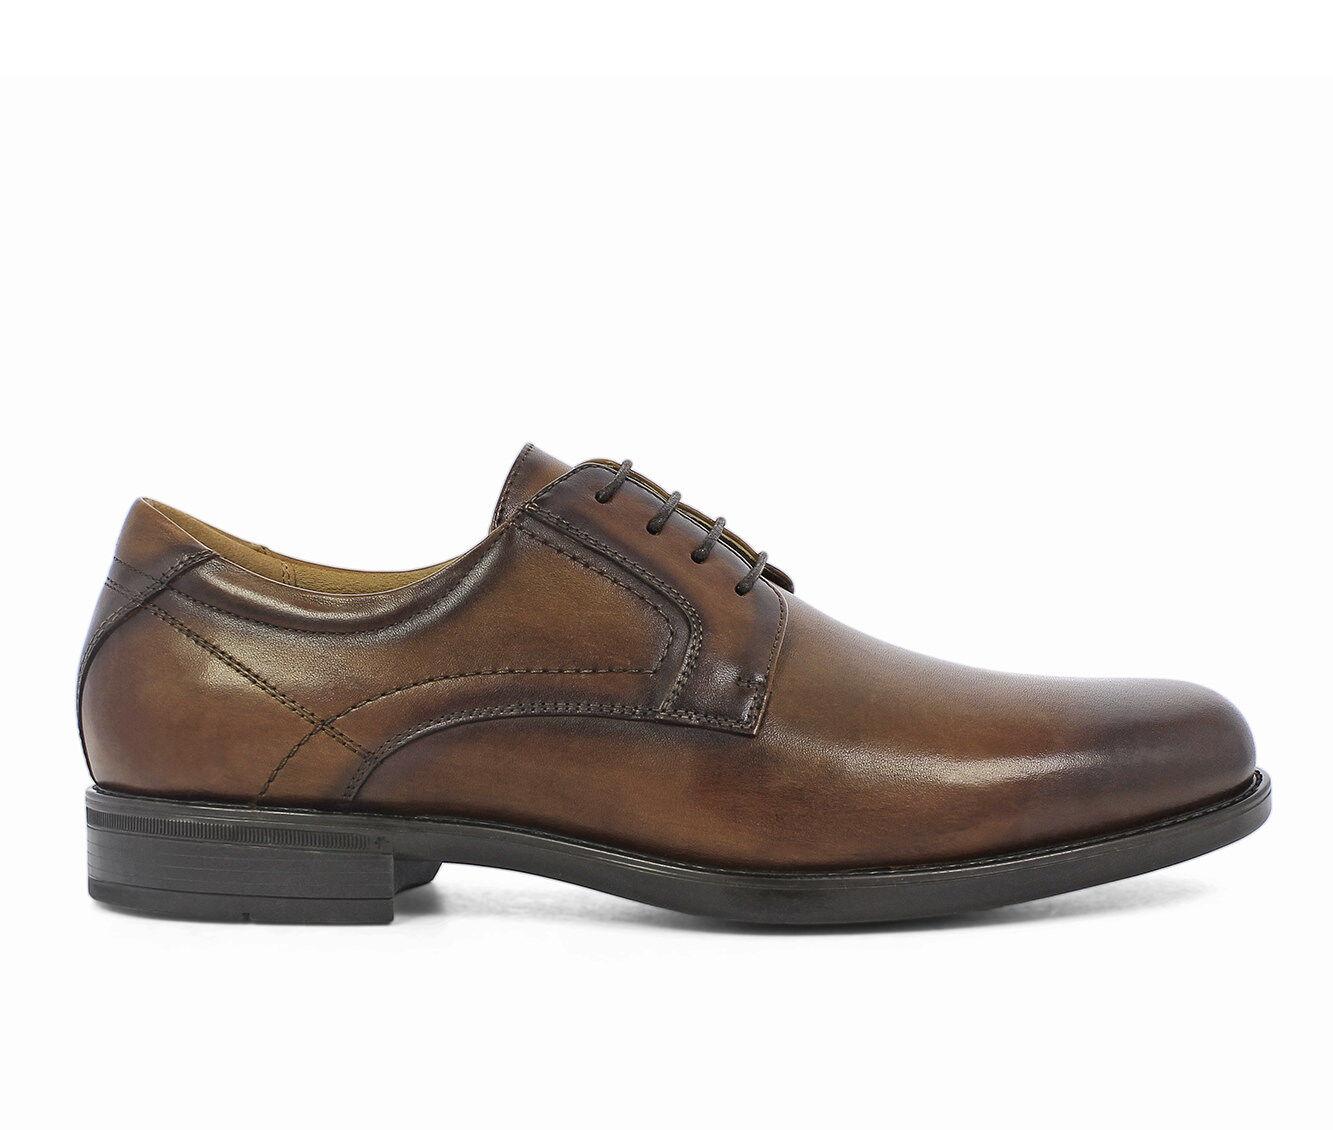 Buy Original Men's Florsheim Midtown Plain Toe Ox Dress Shoes Cognac